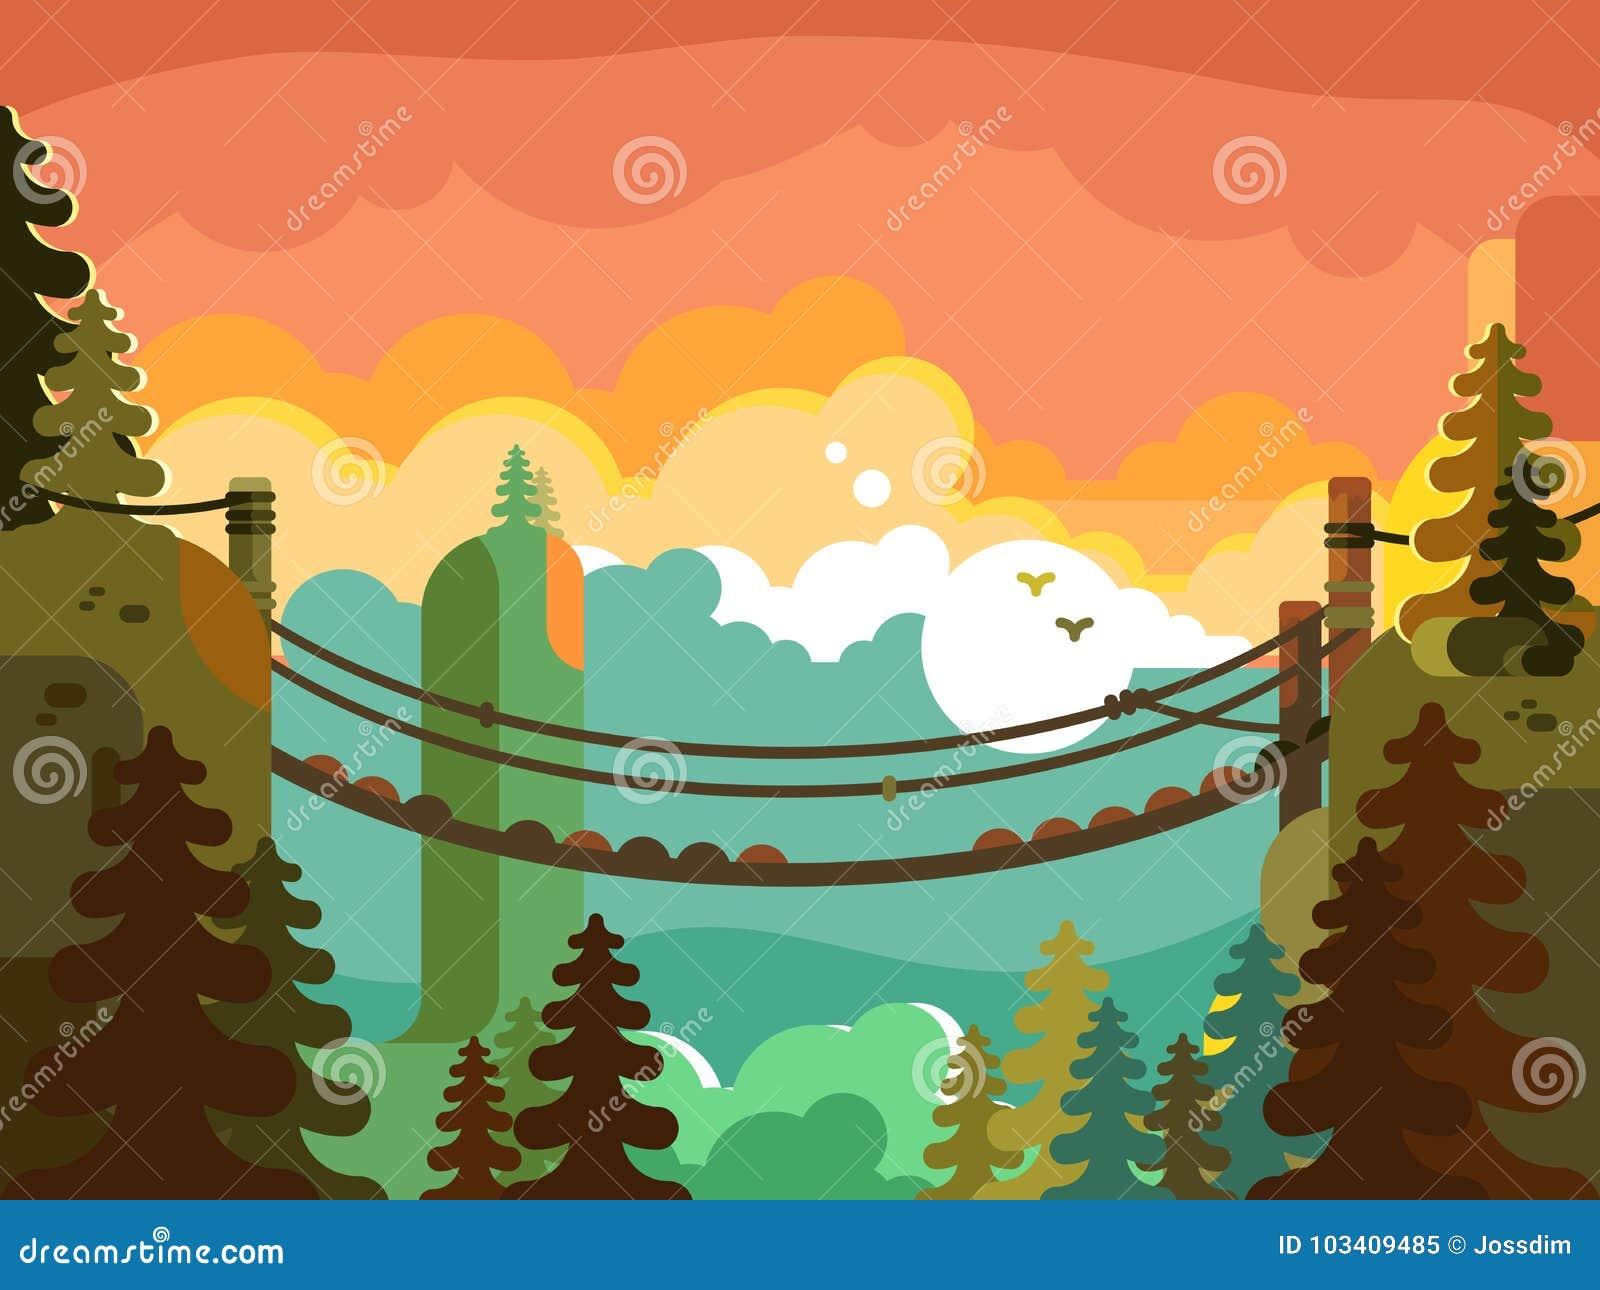 Hängebrücke im Dschungeldesign flach